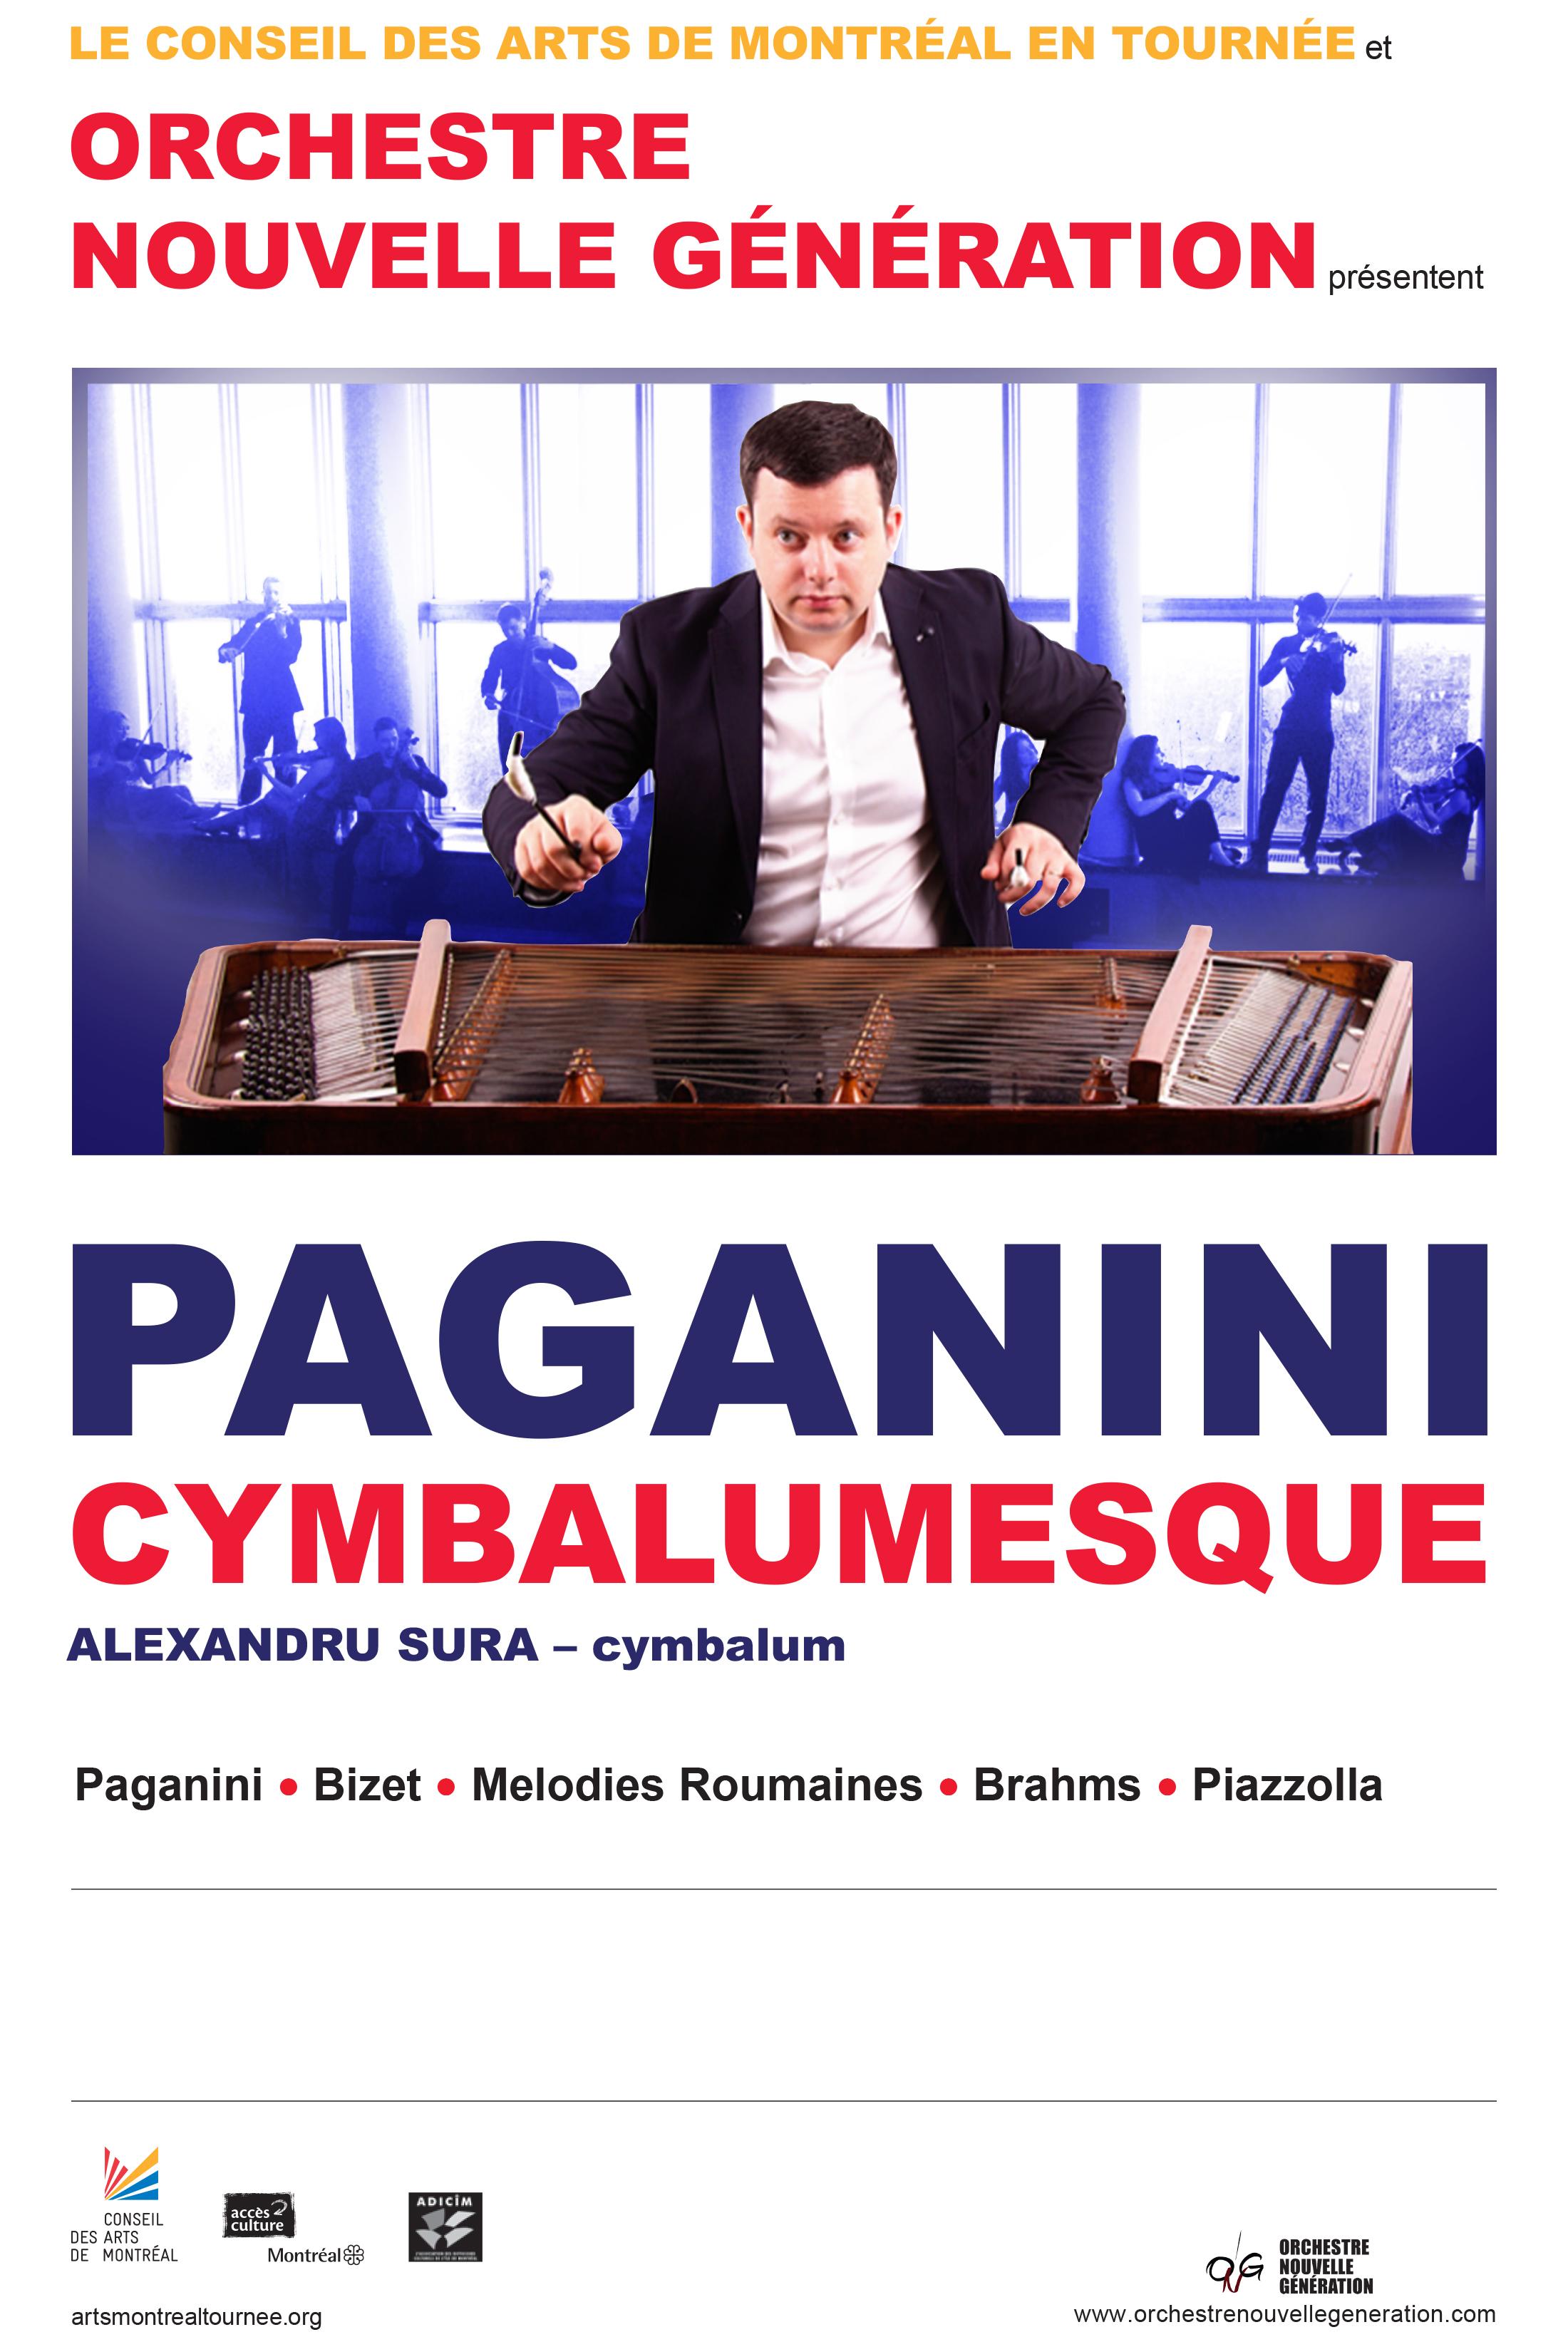 Paganini Cymbalumesque